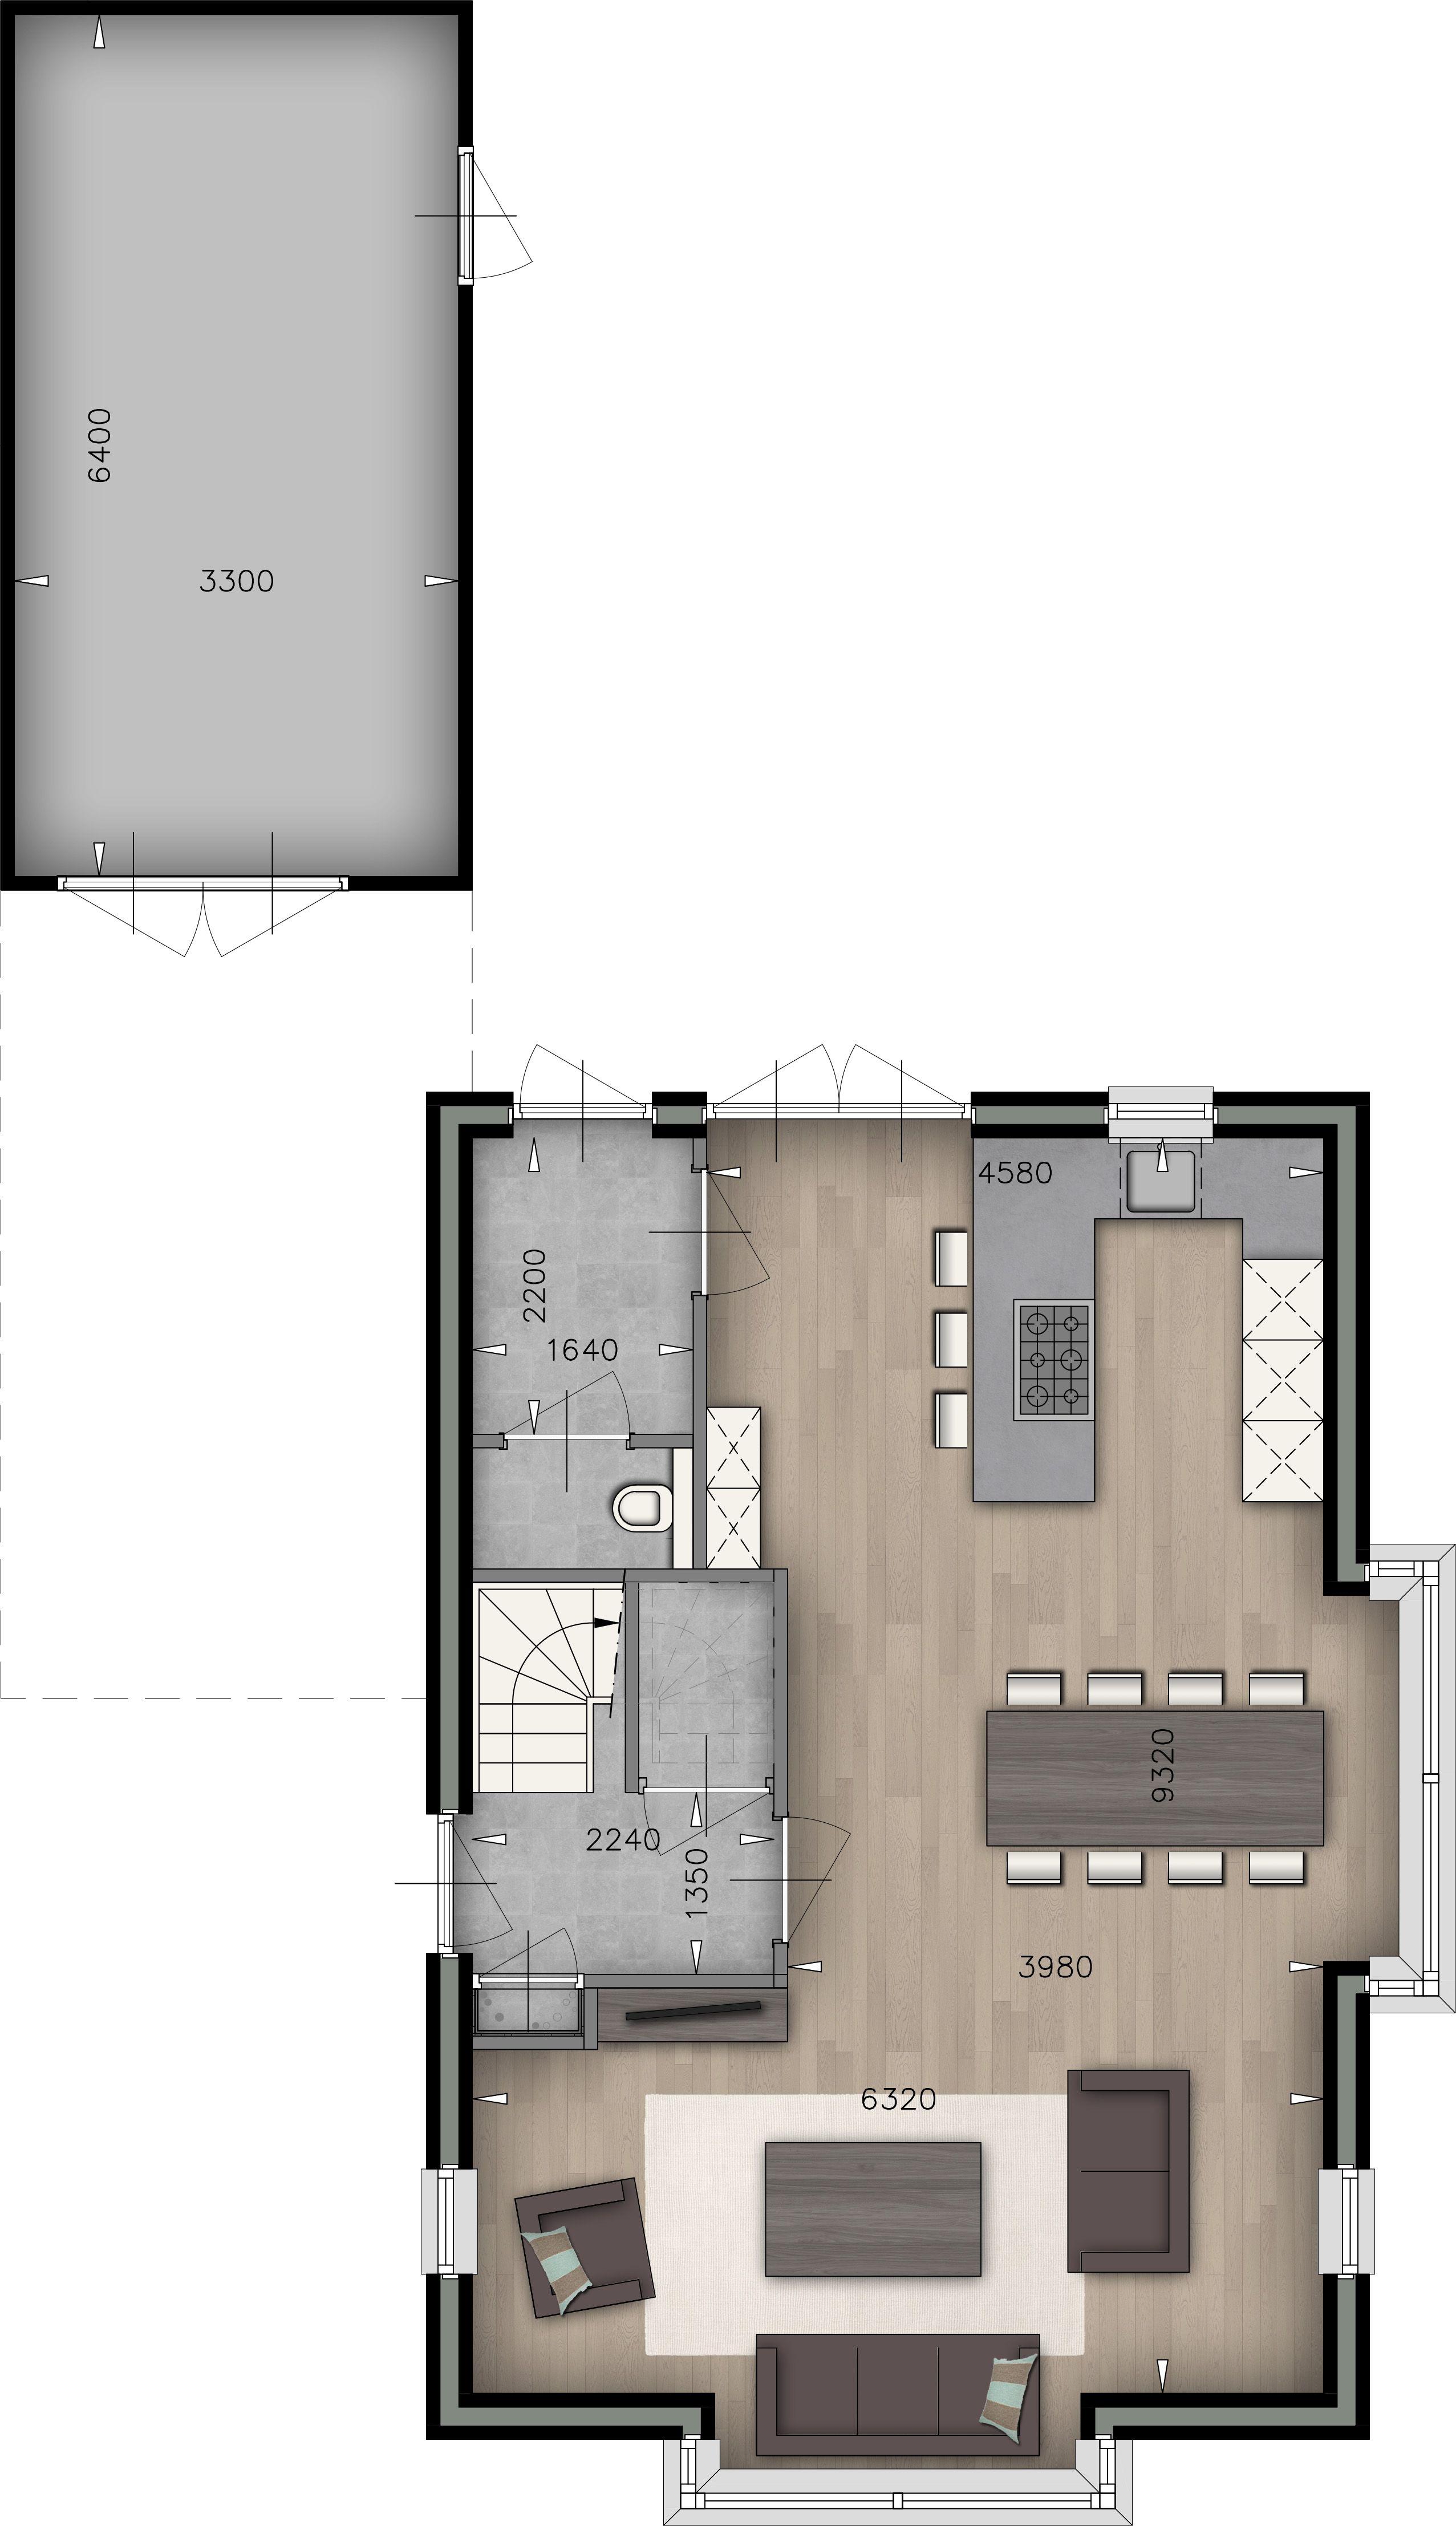 Plattegrond Woonkamer | Keuken | WC | Garage - doorsnede maken ...